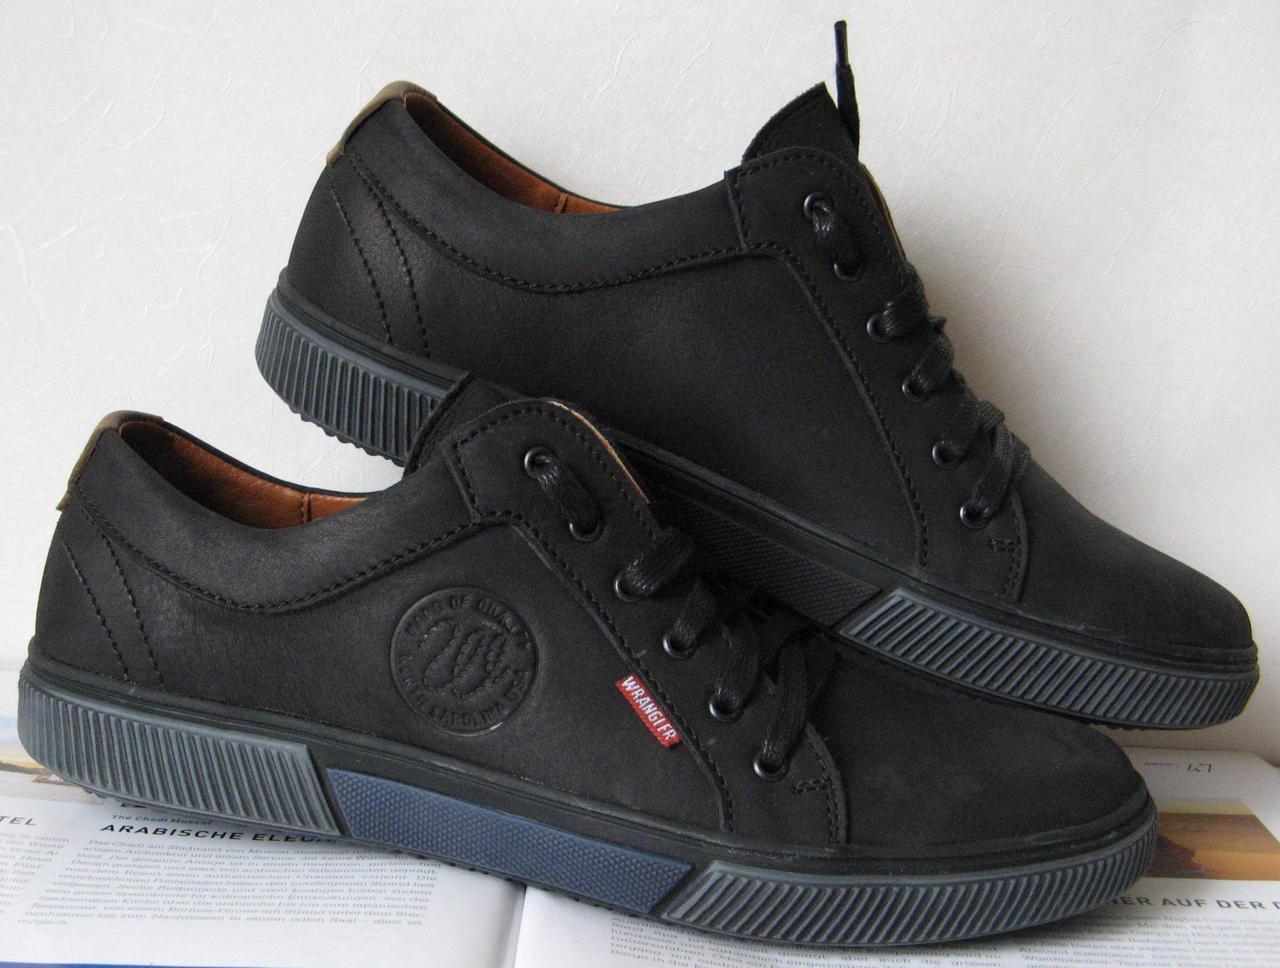 Чоловічі демісезонні чорні кеди Wrangler! осіннє взуття шкіряні туфлі в  стилі Вранглер черевики  7a5436b61b417